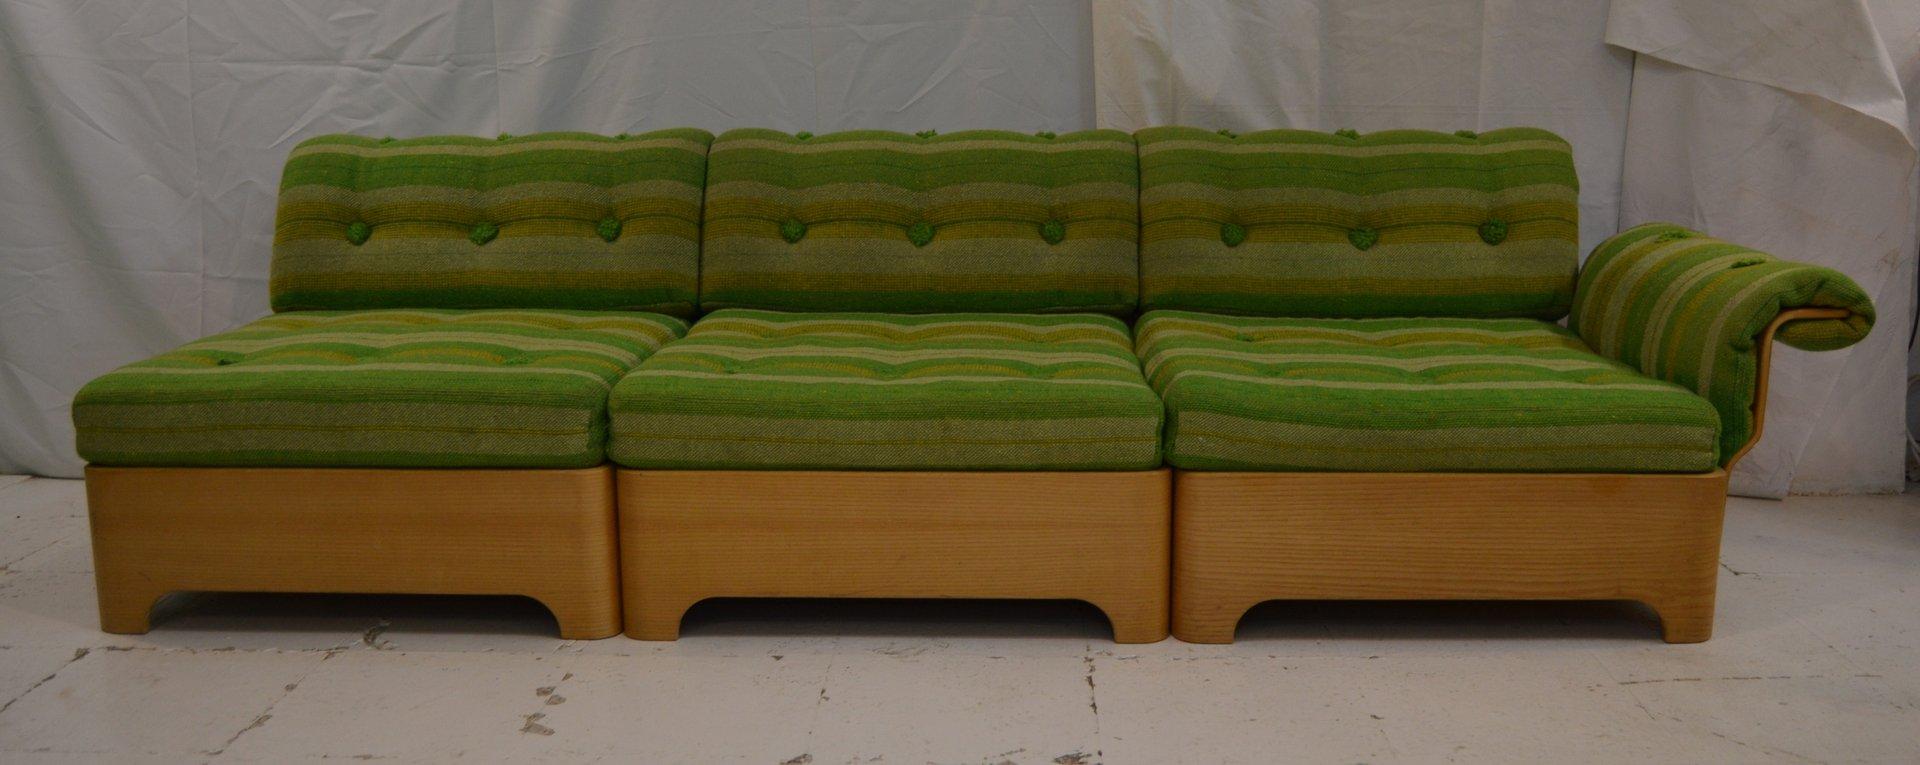 Canap vintage trois places avec table d 39 appoint et repose pieds en ven - Canape avec repose pied ...